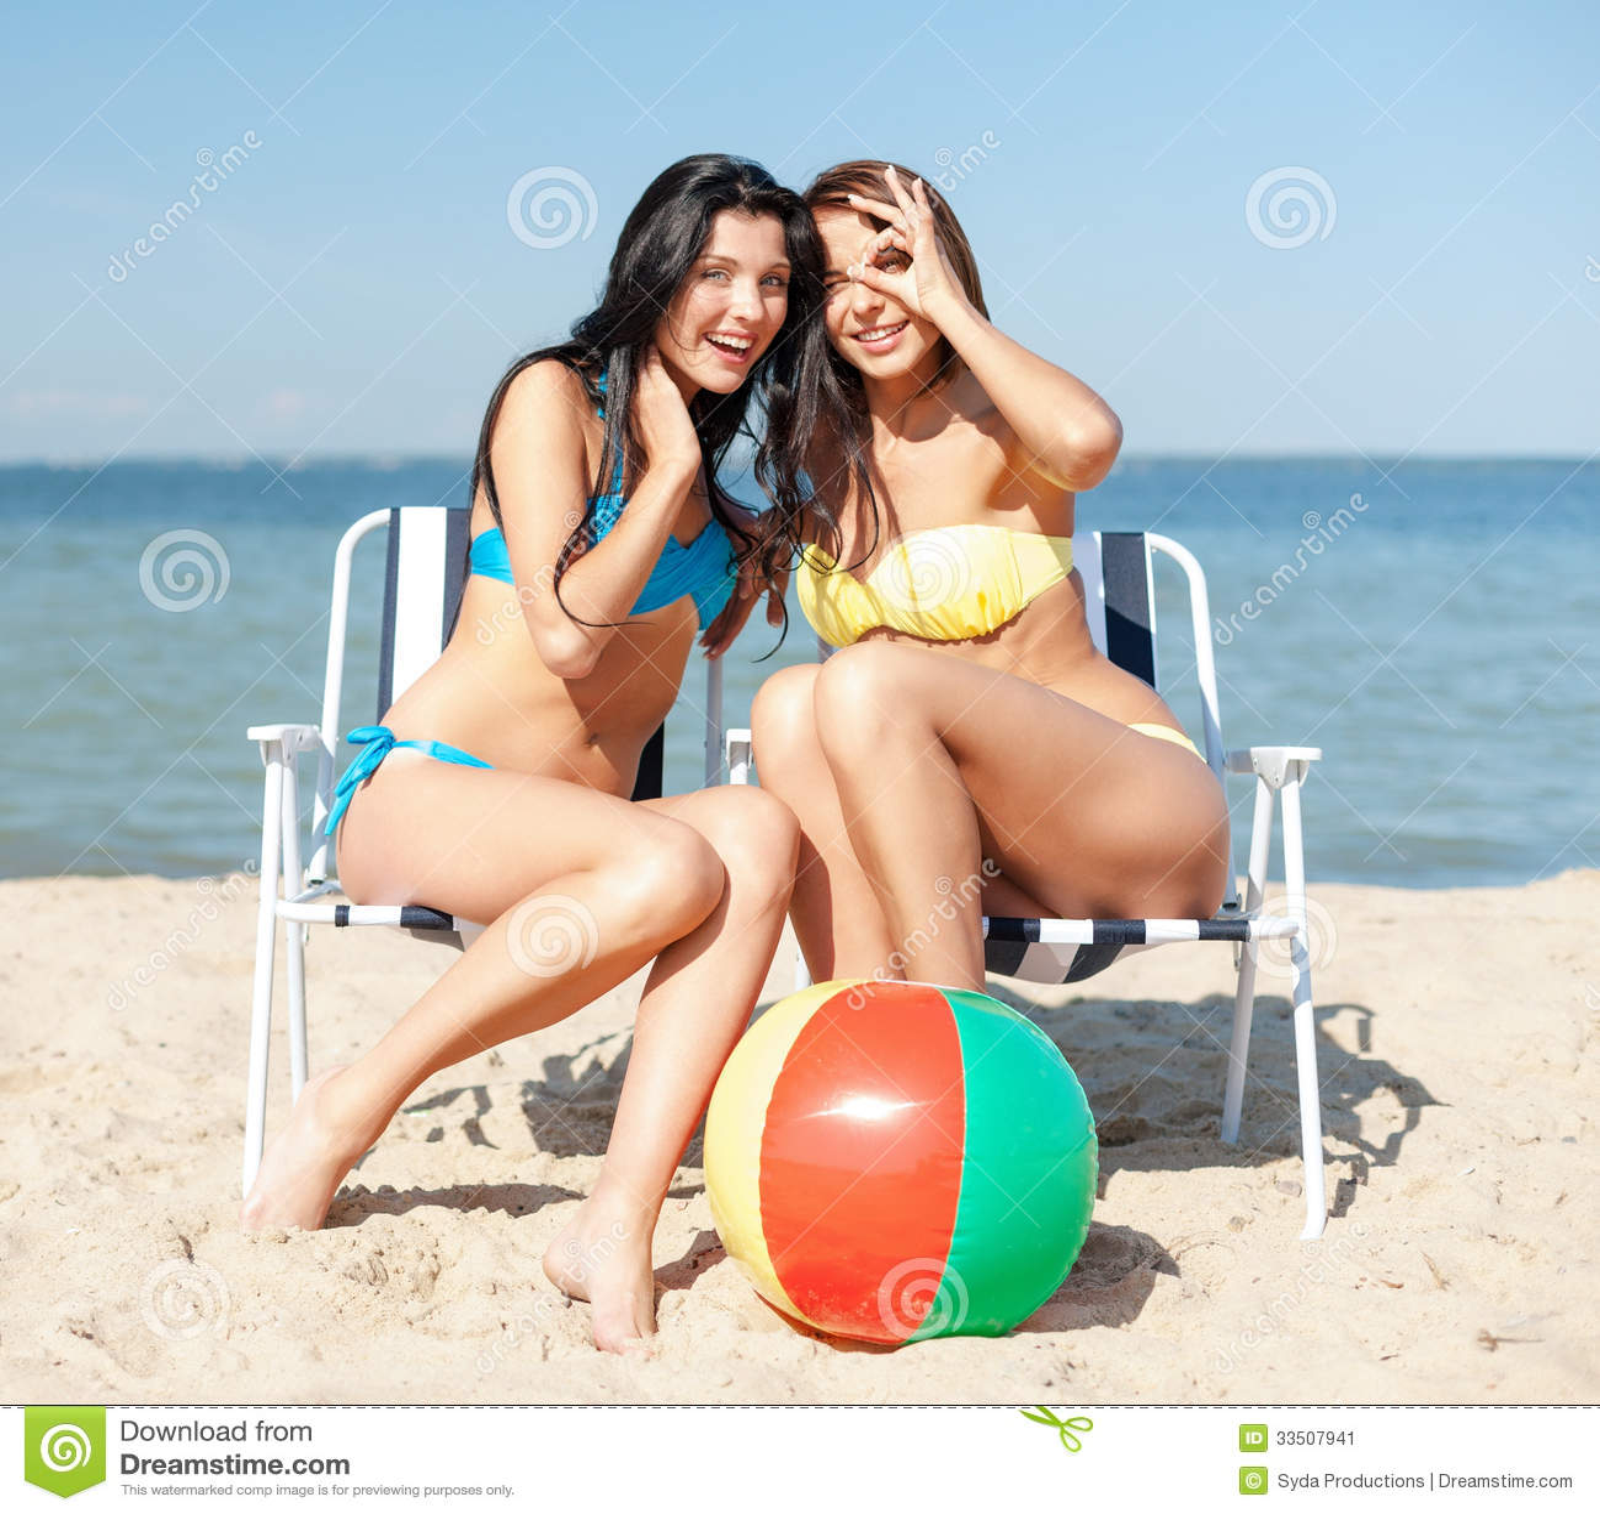 Фото девушка принимает солнечные ванну 4 фотография